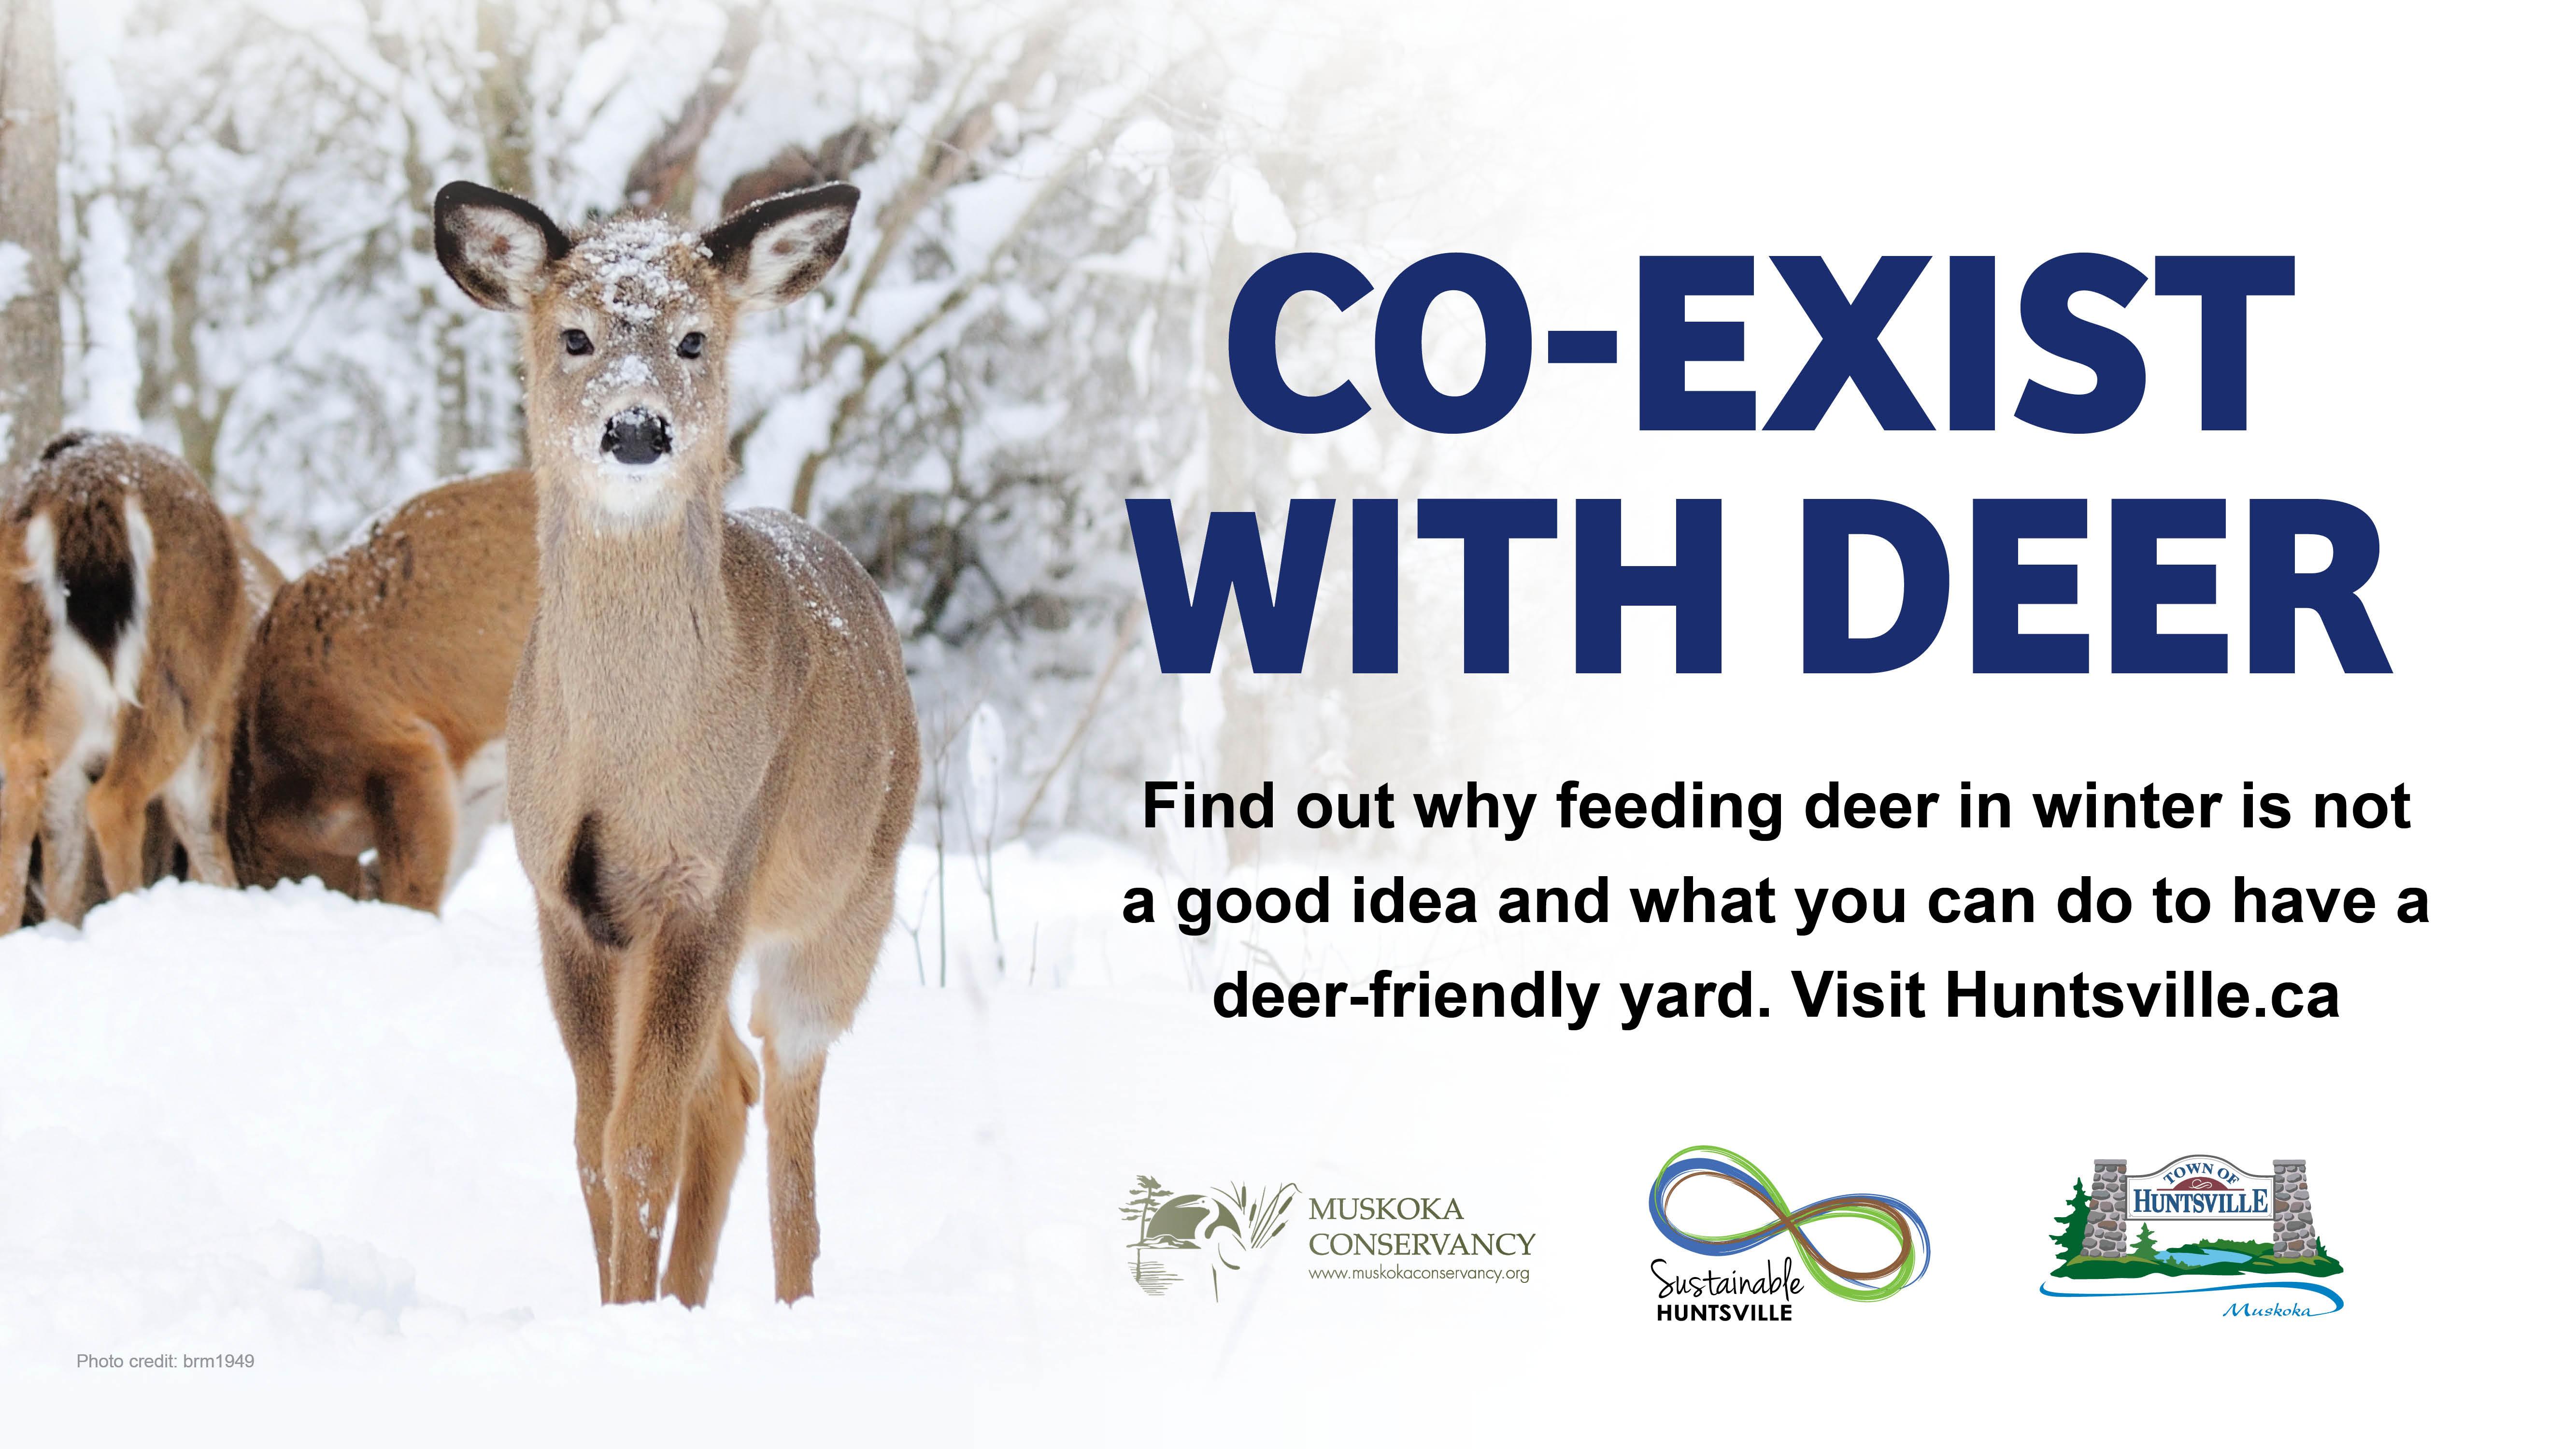 Co-exist with deer